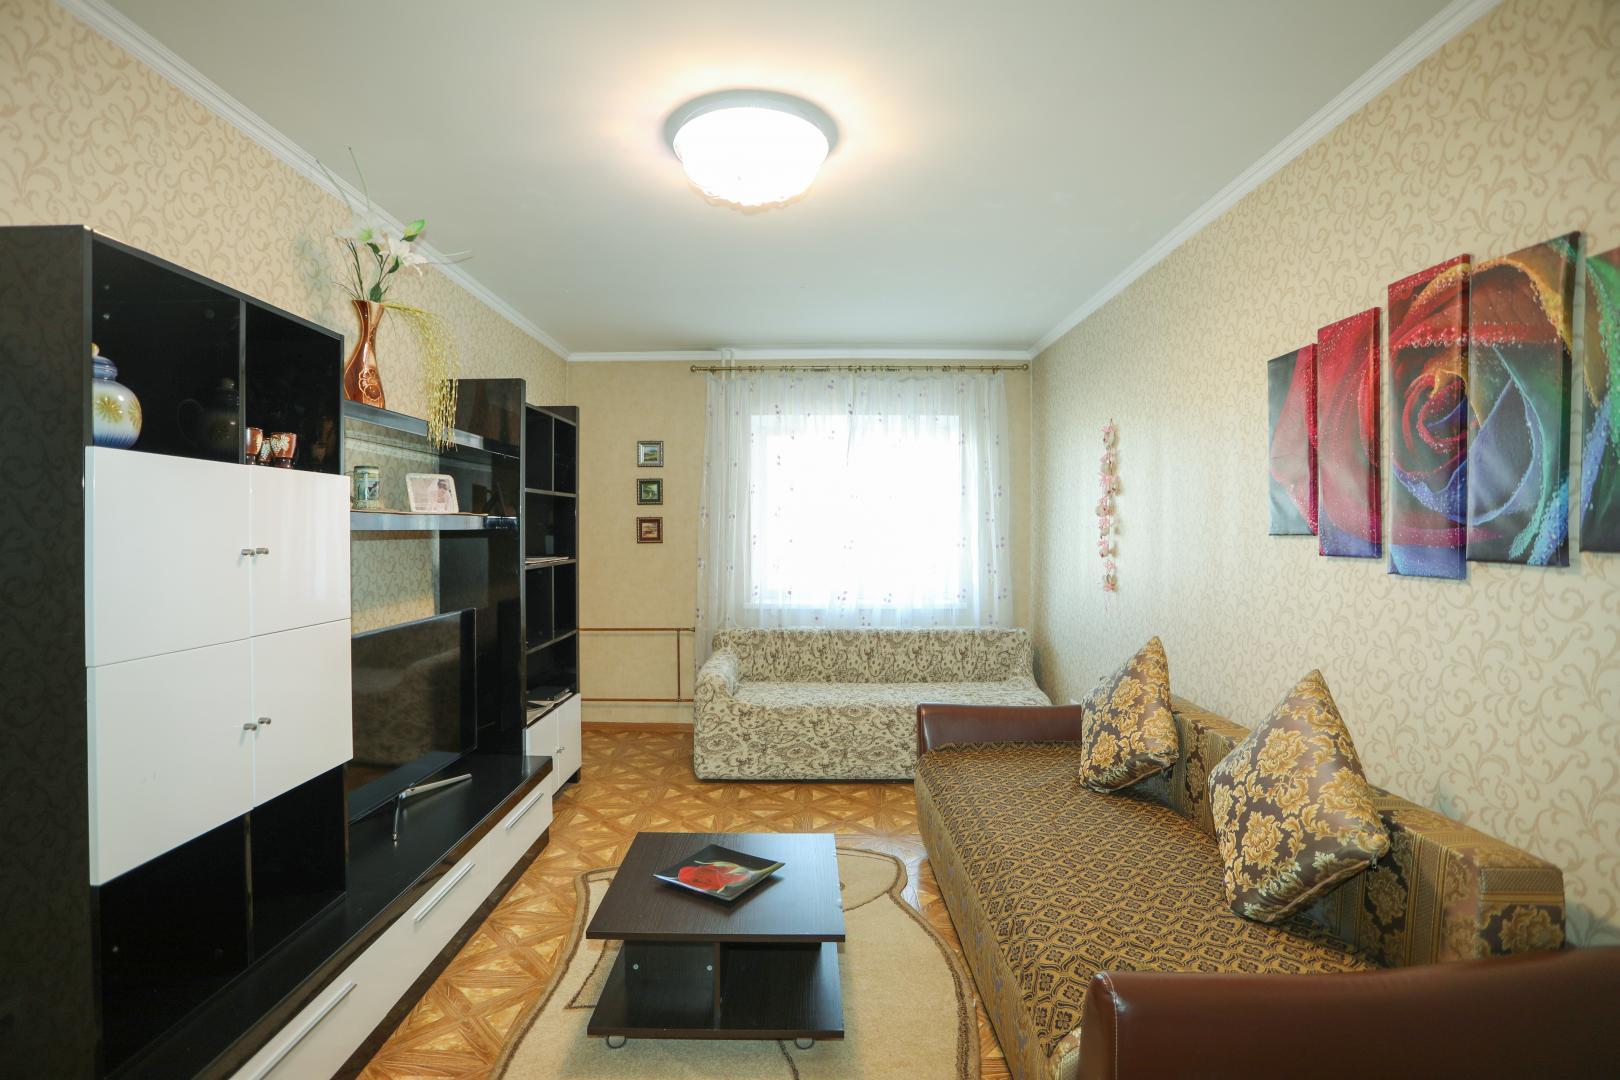 Квартира в аренду по адресу Россия, Иркутская область, городской округ Иркутск, Иркутск, улица Дыбовского, 4